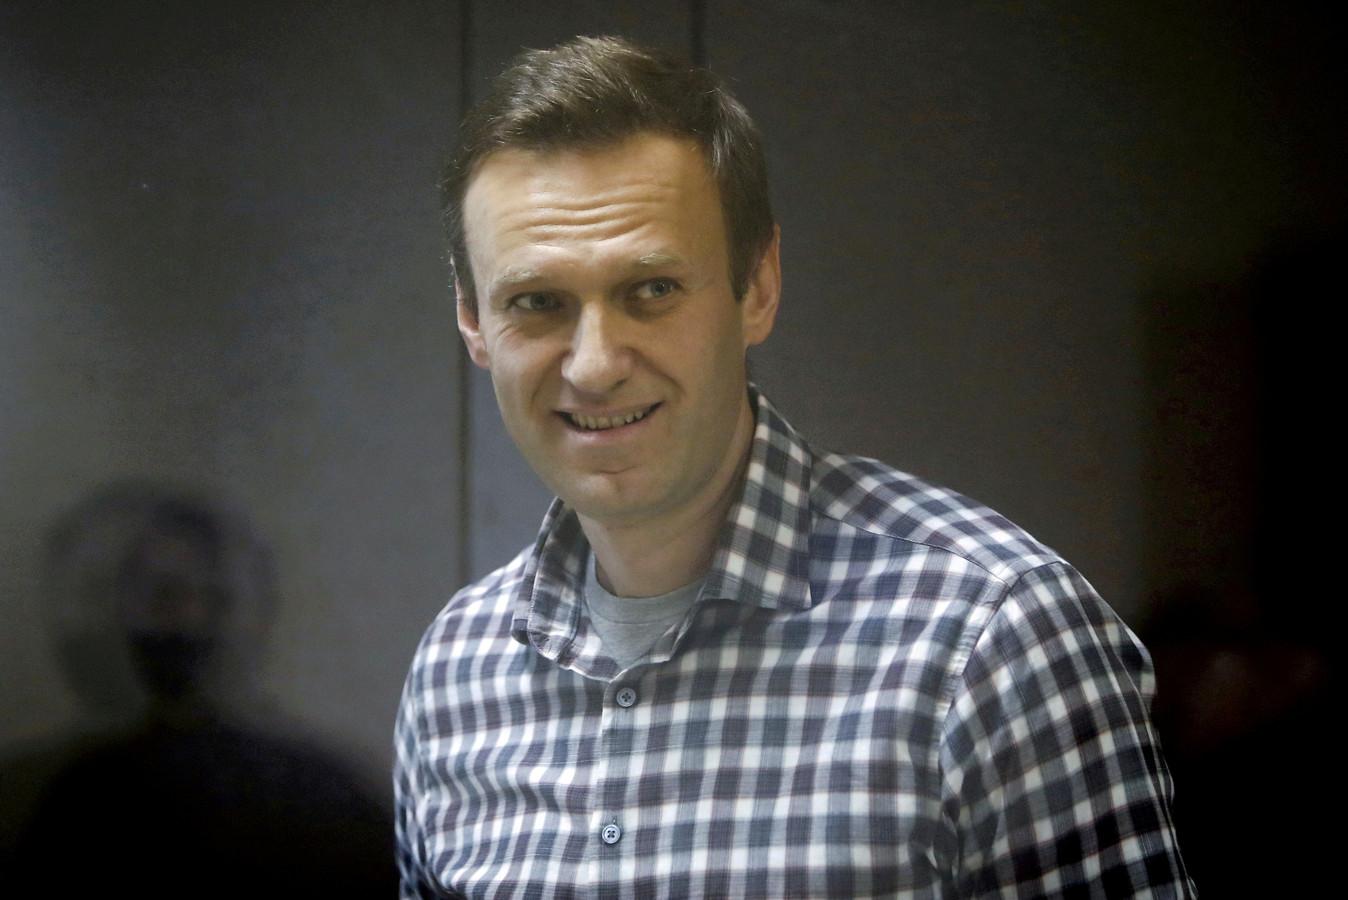 De gevangengenomen Kremlin-criticus Aleksej Navalny, die in januari terugkeerde uit Duitsland na daar te zijn behandeld voor een vergiftiging in augustus vorig jaar.